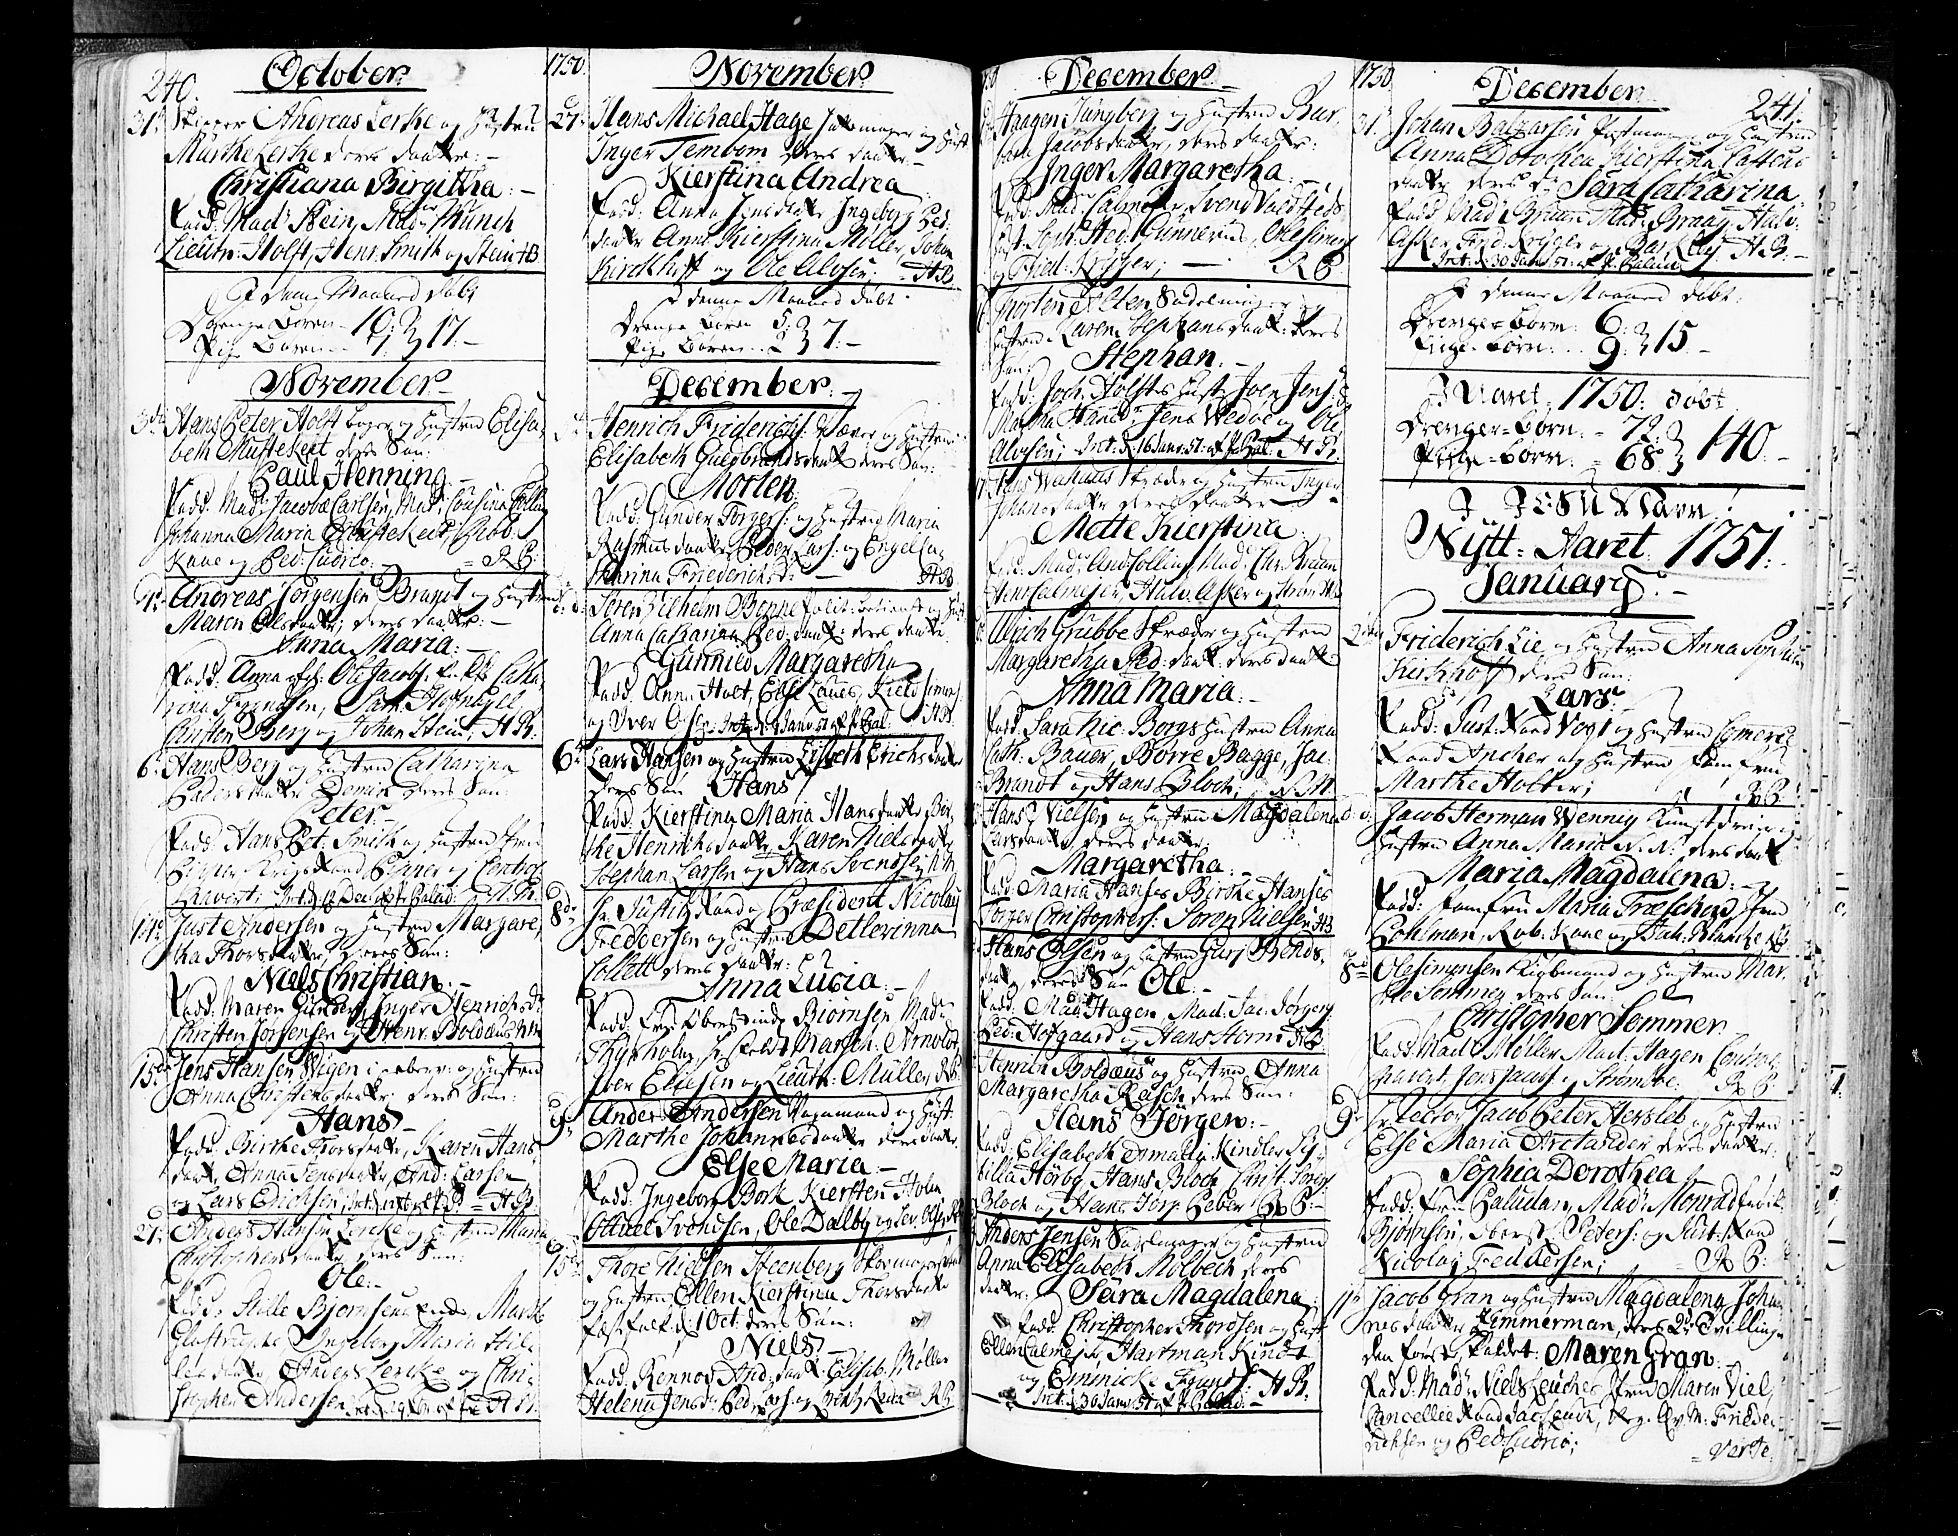 SAO, Oslo domkirke Kirkebøker, F/Fa/L0004: Ministerialbok nr. 4, 1743-1786, s. 240-241